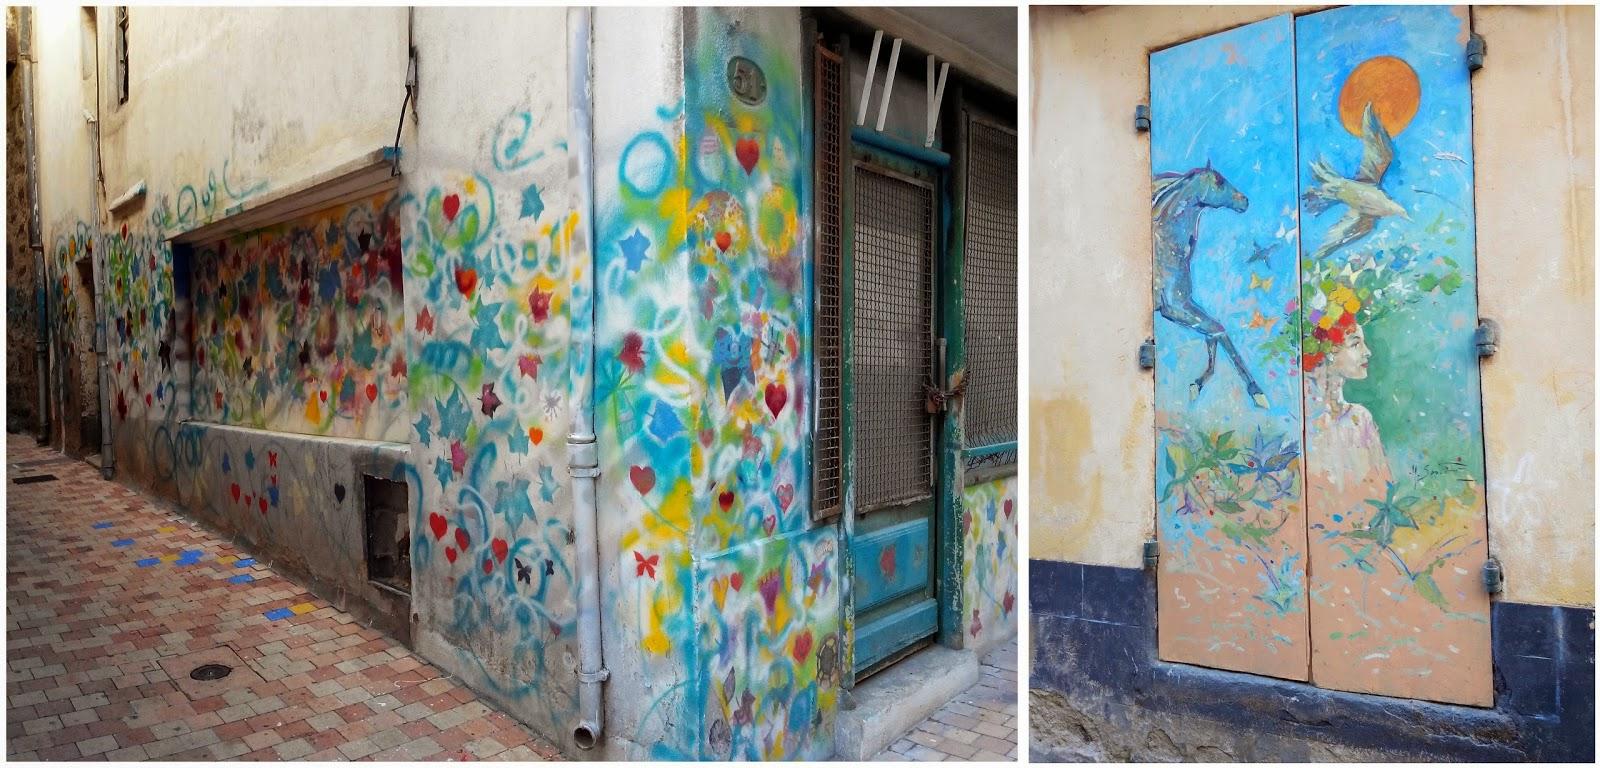 mur, street art, dessin, peinture, Agde, bullelodie